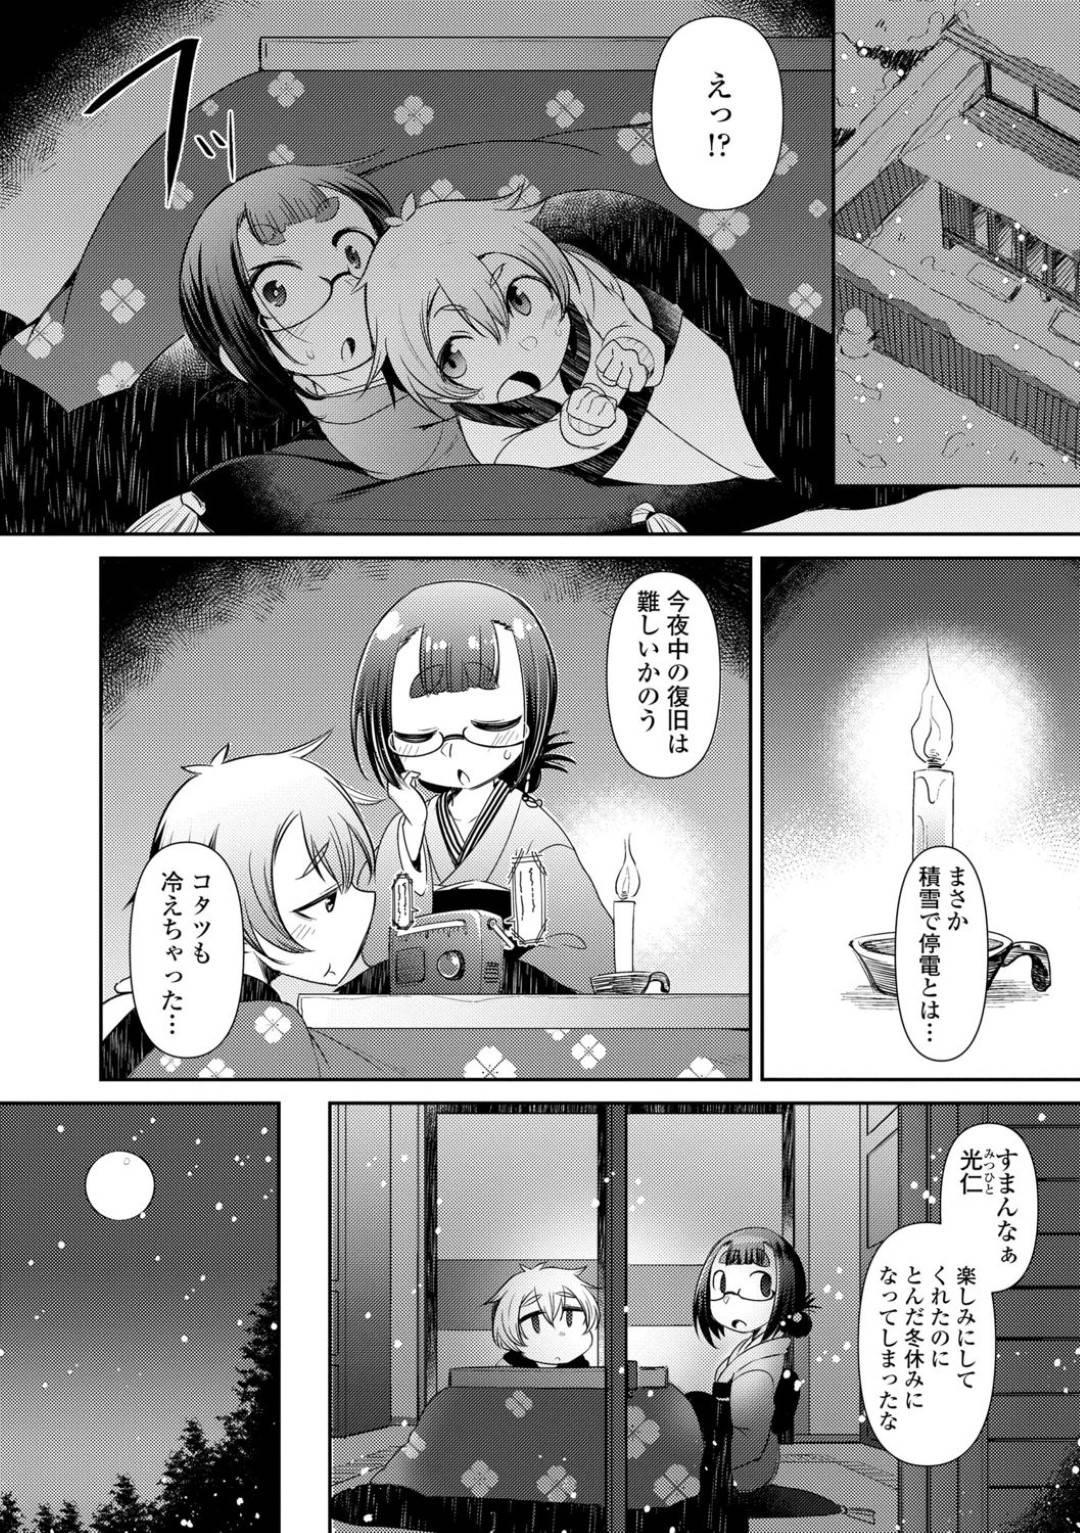 【エロ漫画】雪の降る日に思いっきり遊ぶ孫を連れて帰る幼いお婆ちゃん…すると突然停電してしまい寒い夜を超すために同じ布団で寝ることに!【あまがえる】